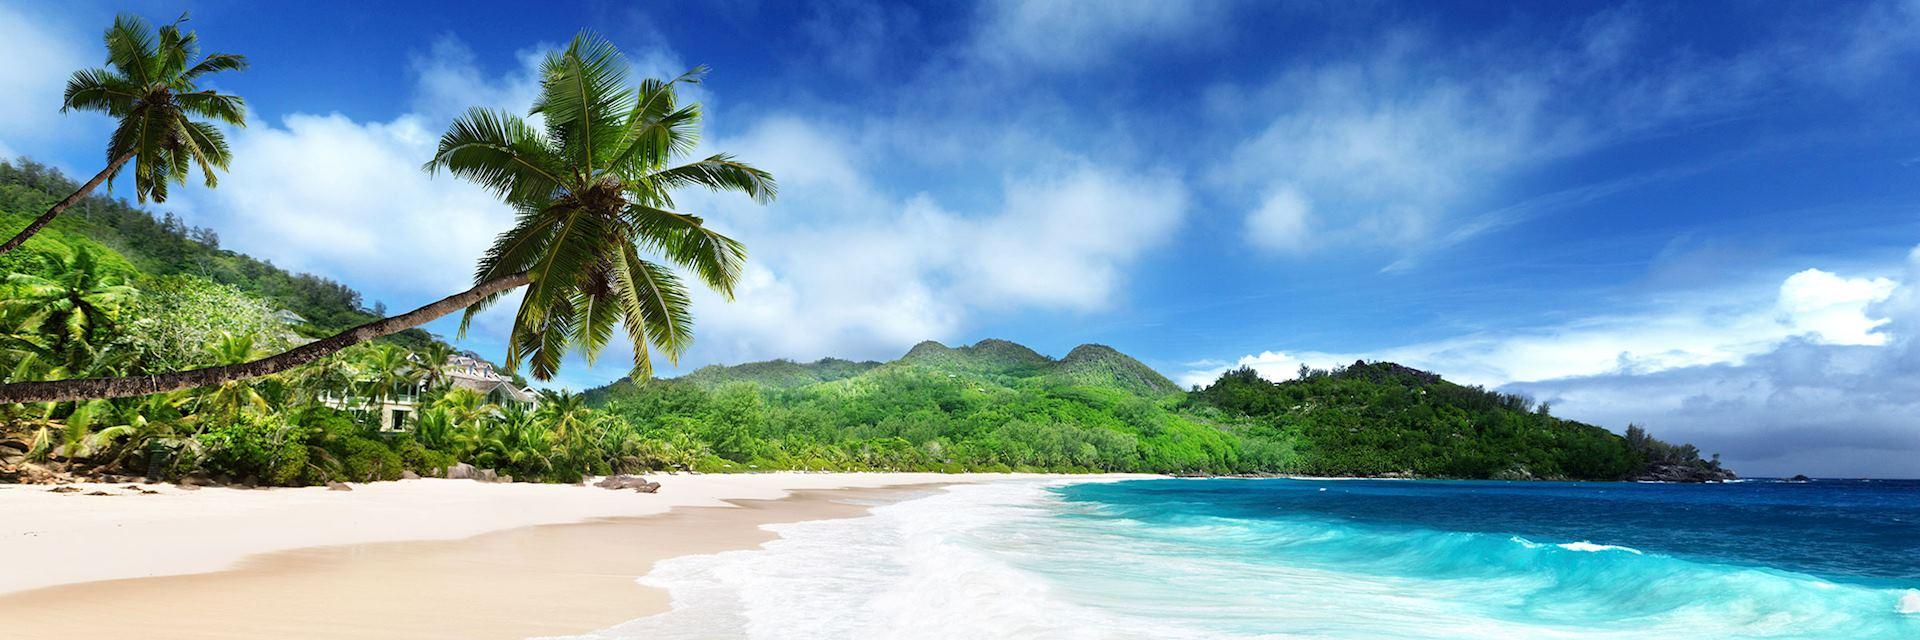 Mahé Island, Seychelles